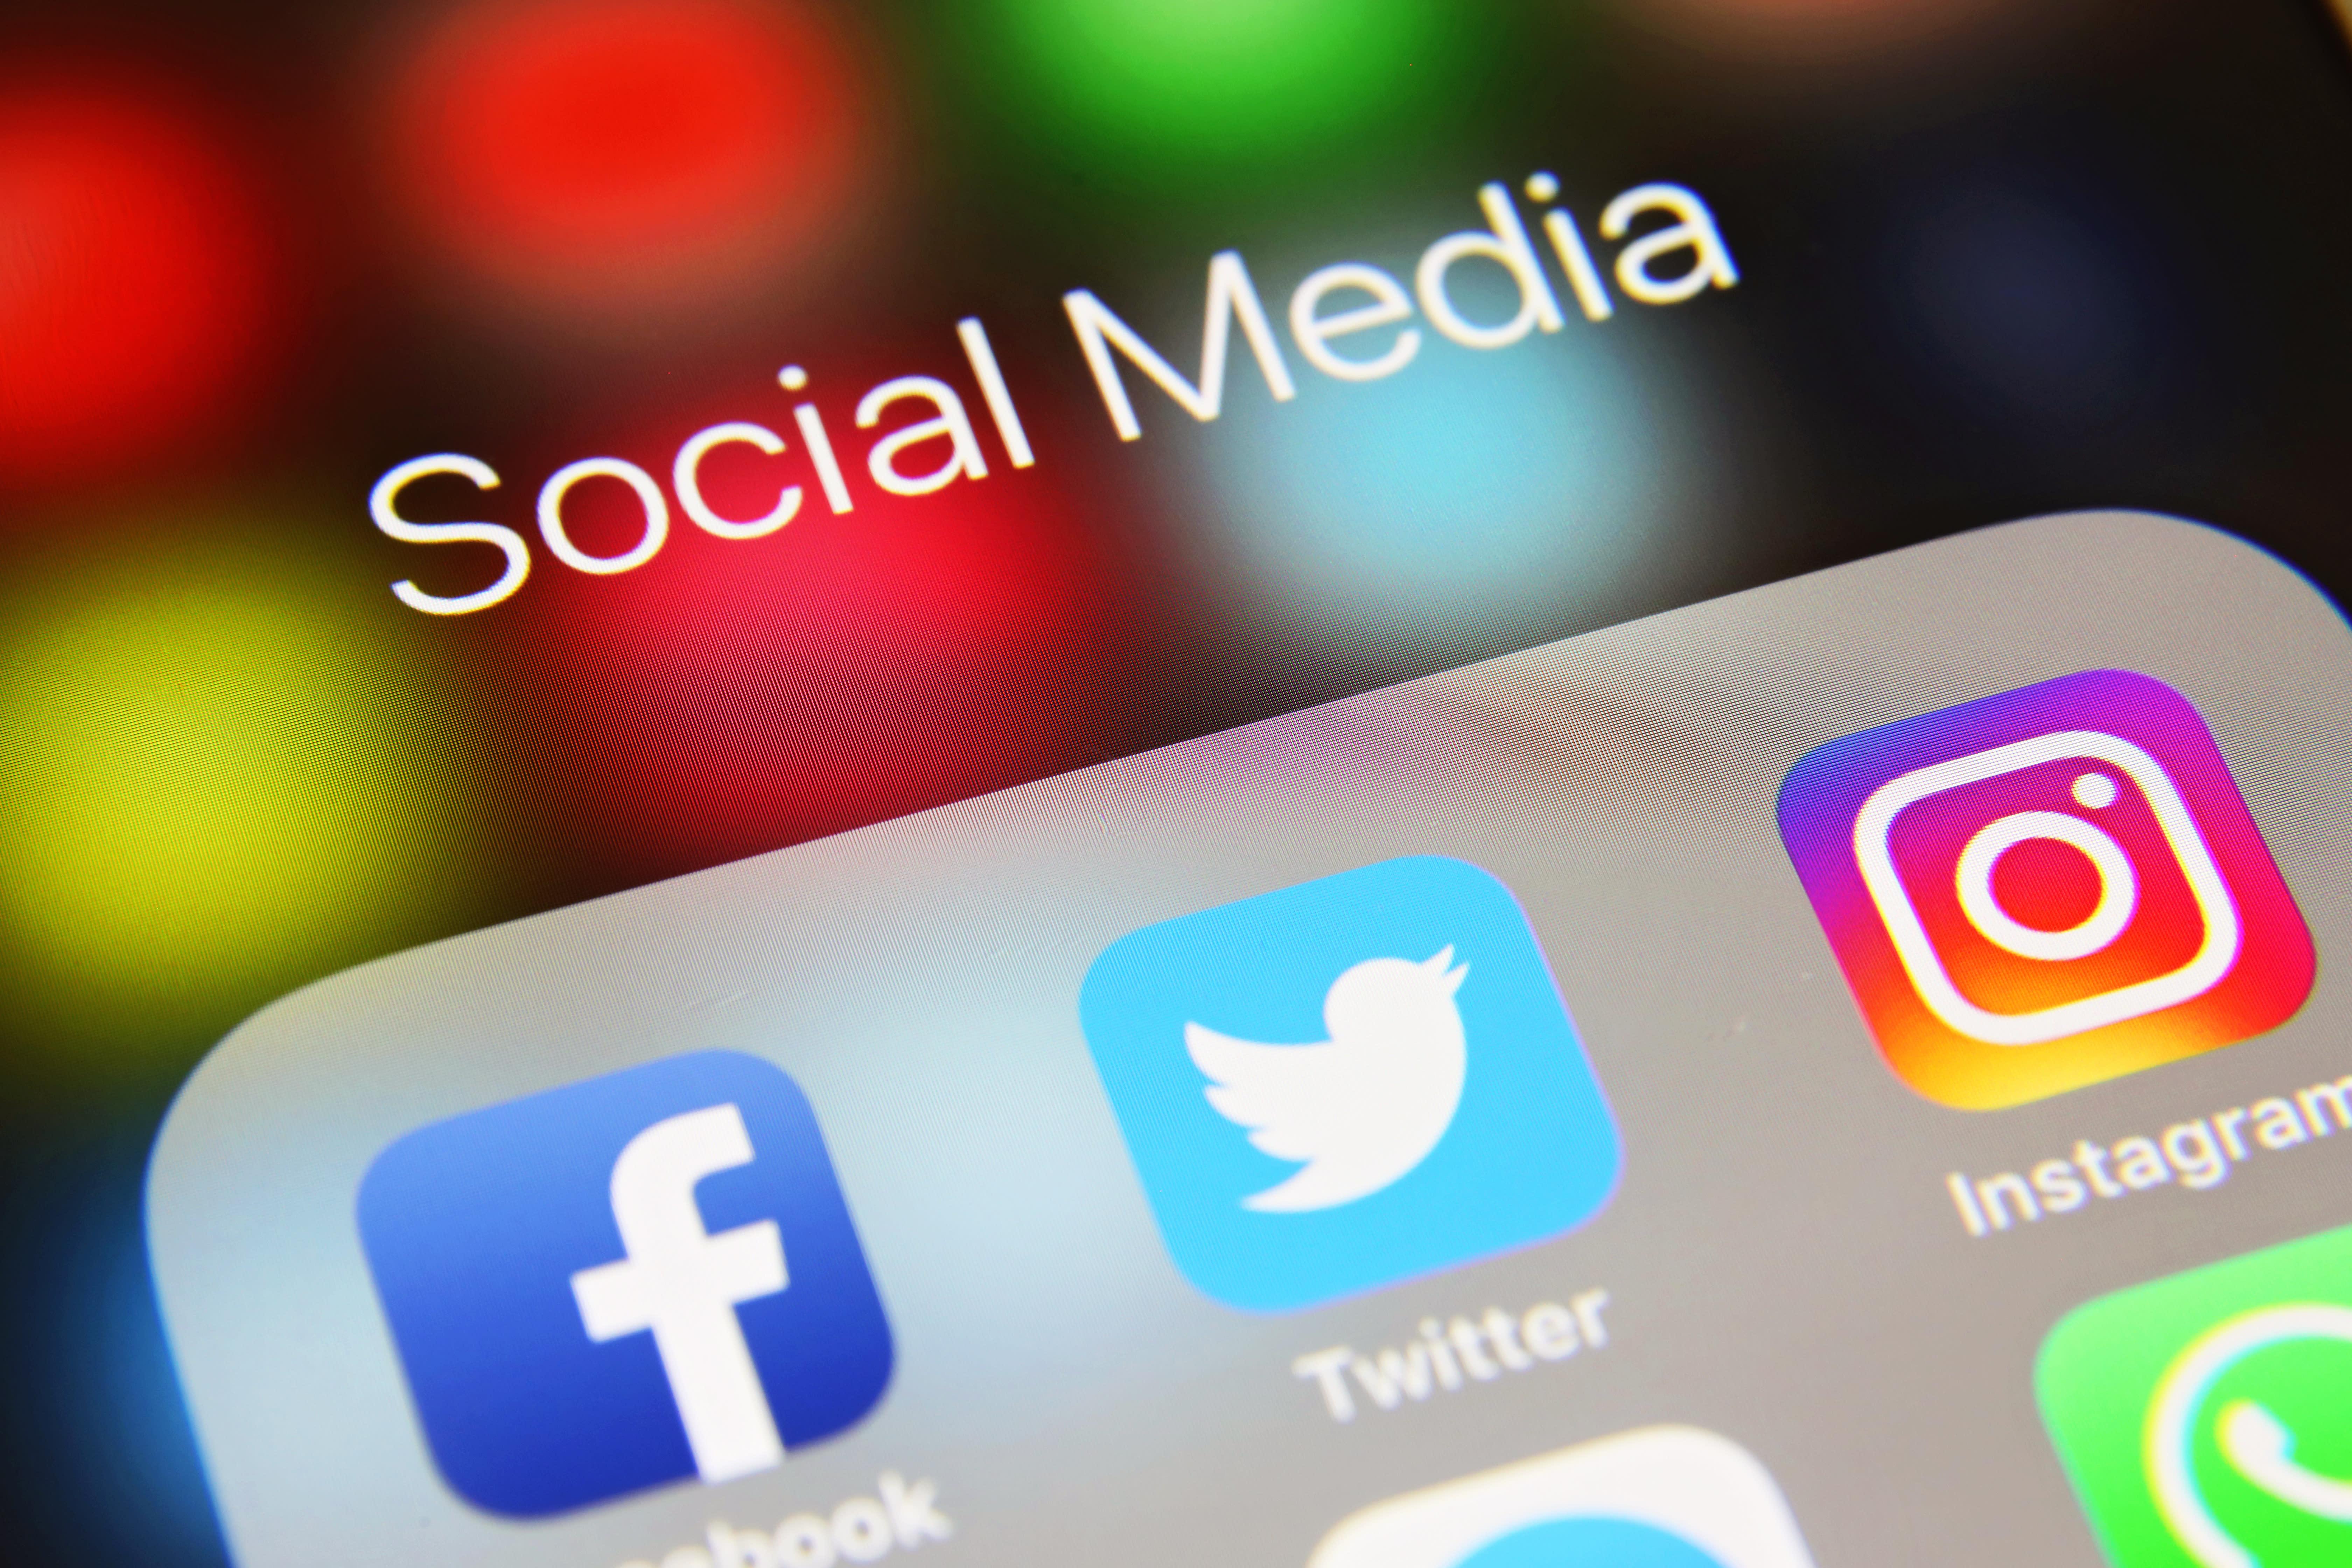 Social media icons internet app application